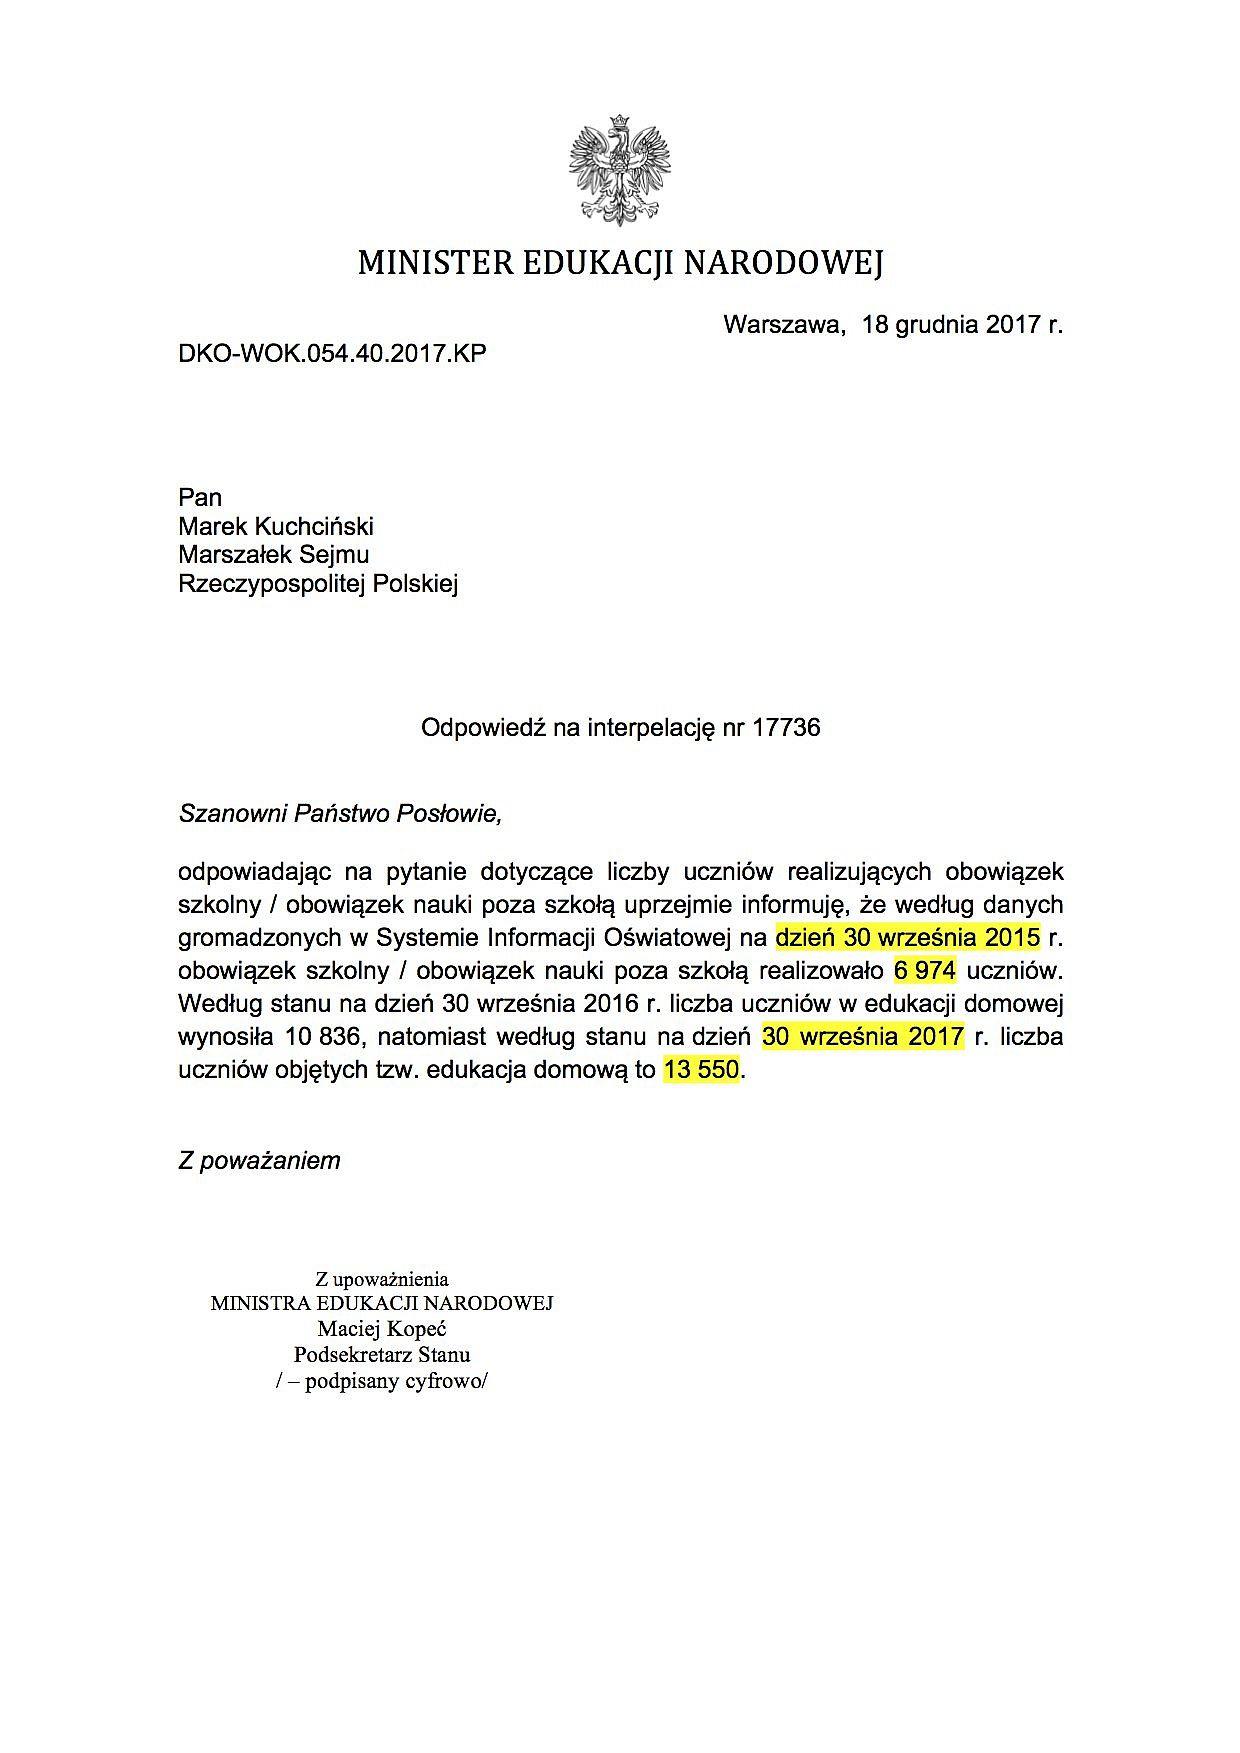 Pismo z MEN dotyczące liczby uczniów realizujących obowiązek szkolny w ramach edukacji domowej (fot.twitter.com/gajewska_kinga)